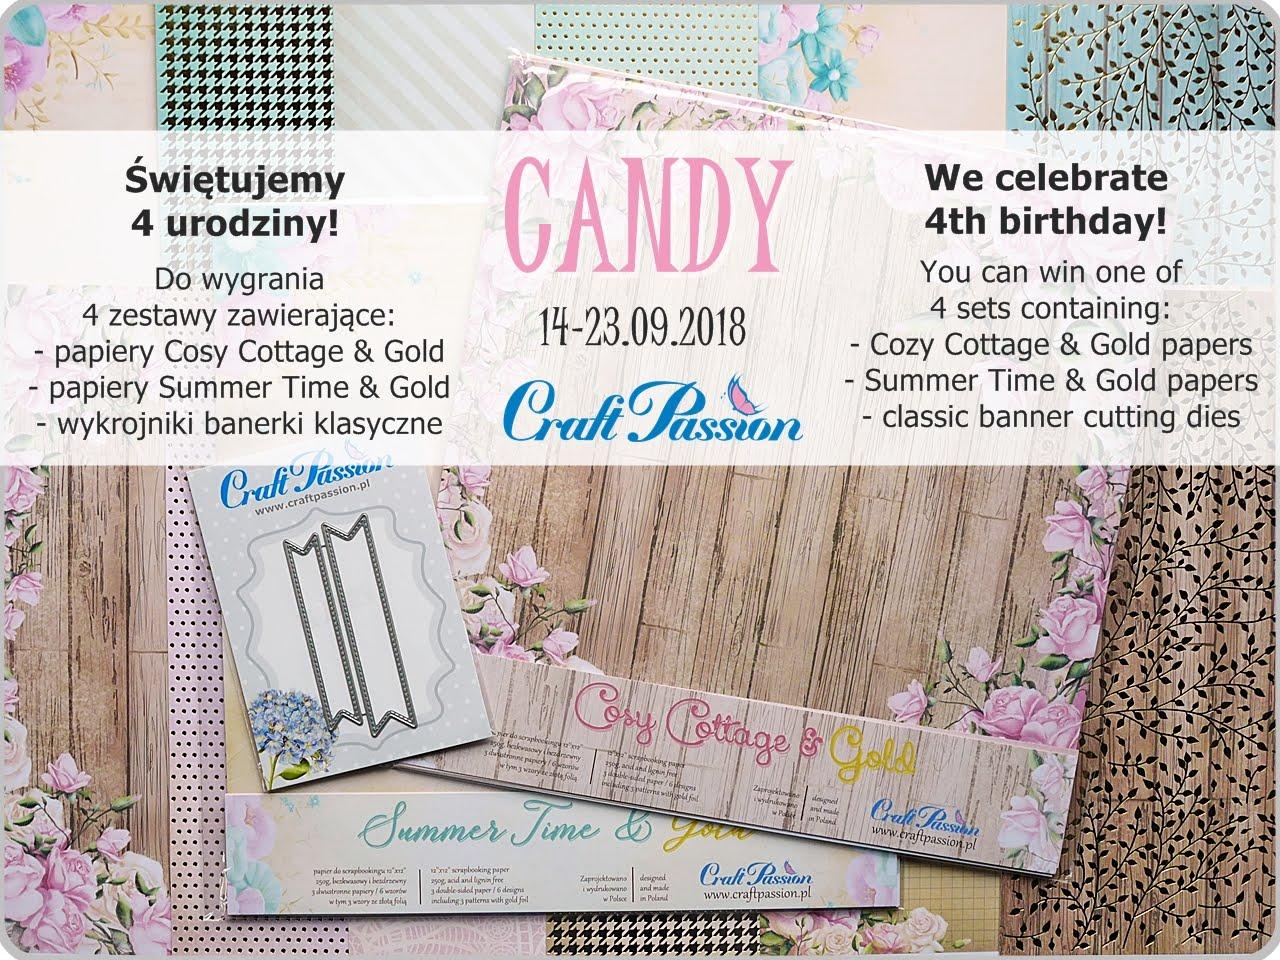 CANDY URODZINOWE / BIRTHDAY CANDY